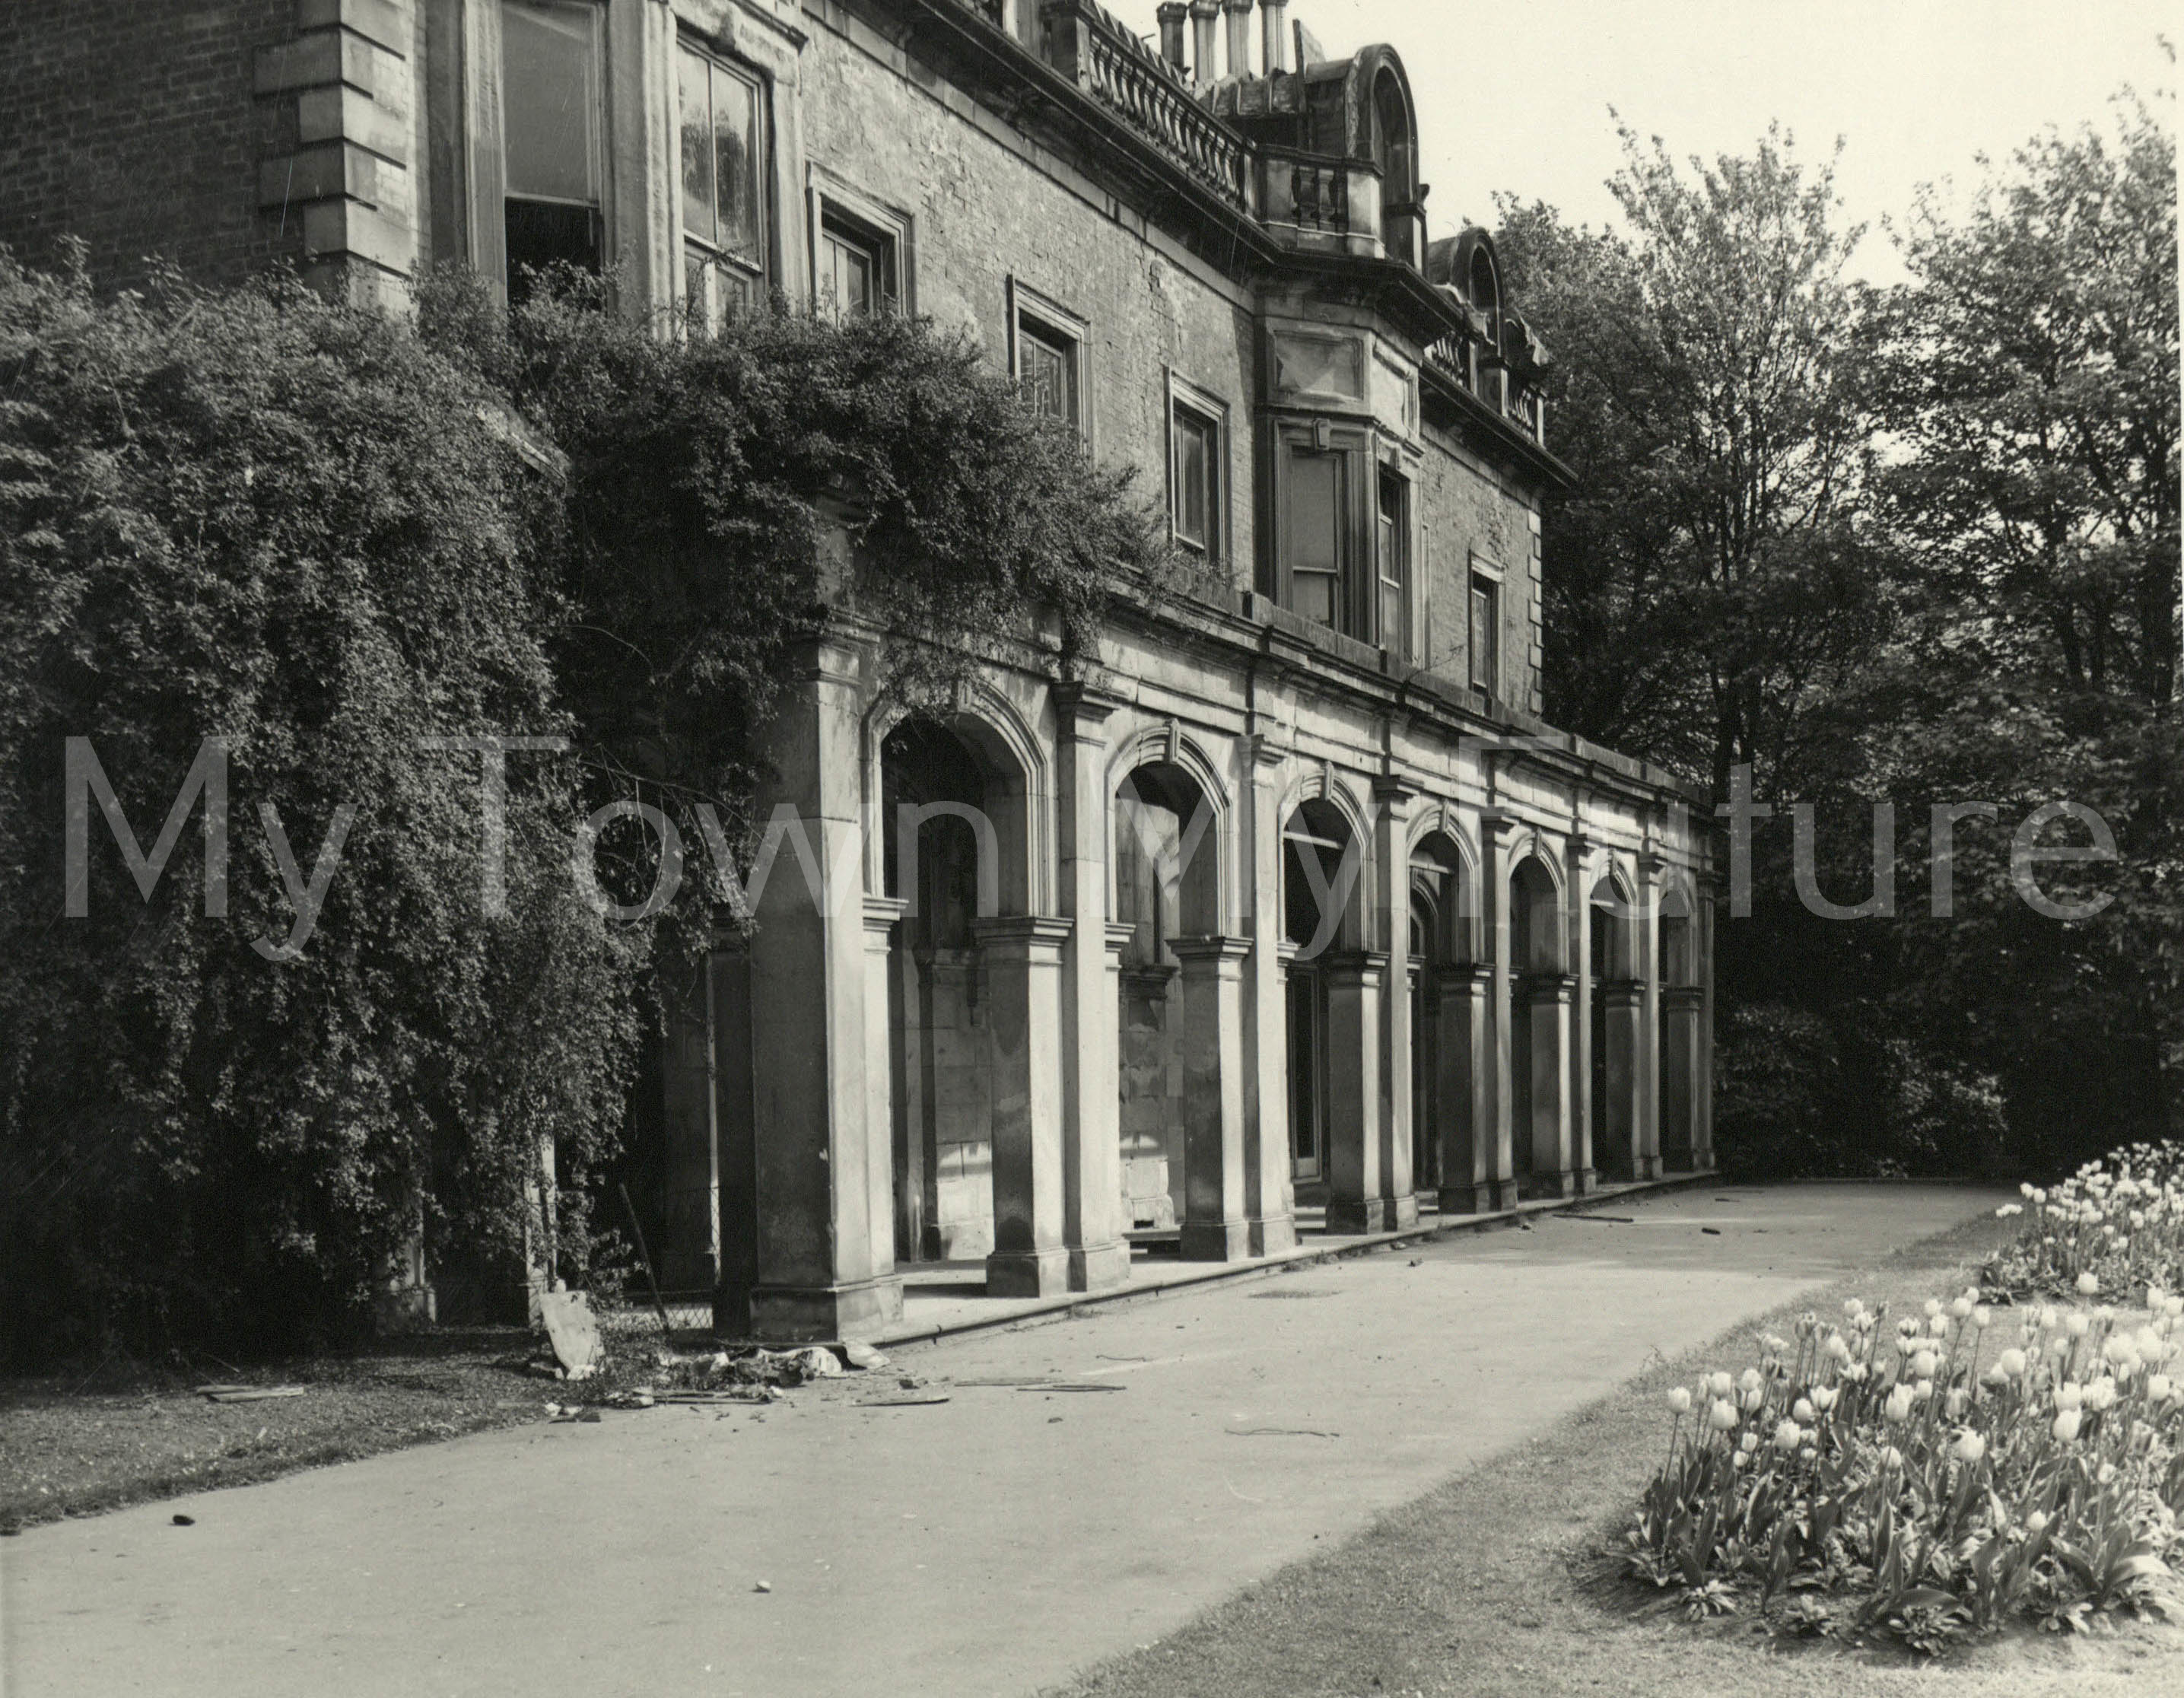 Marton Hall,Stewart Park